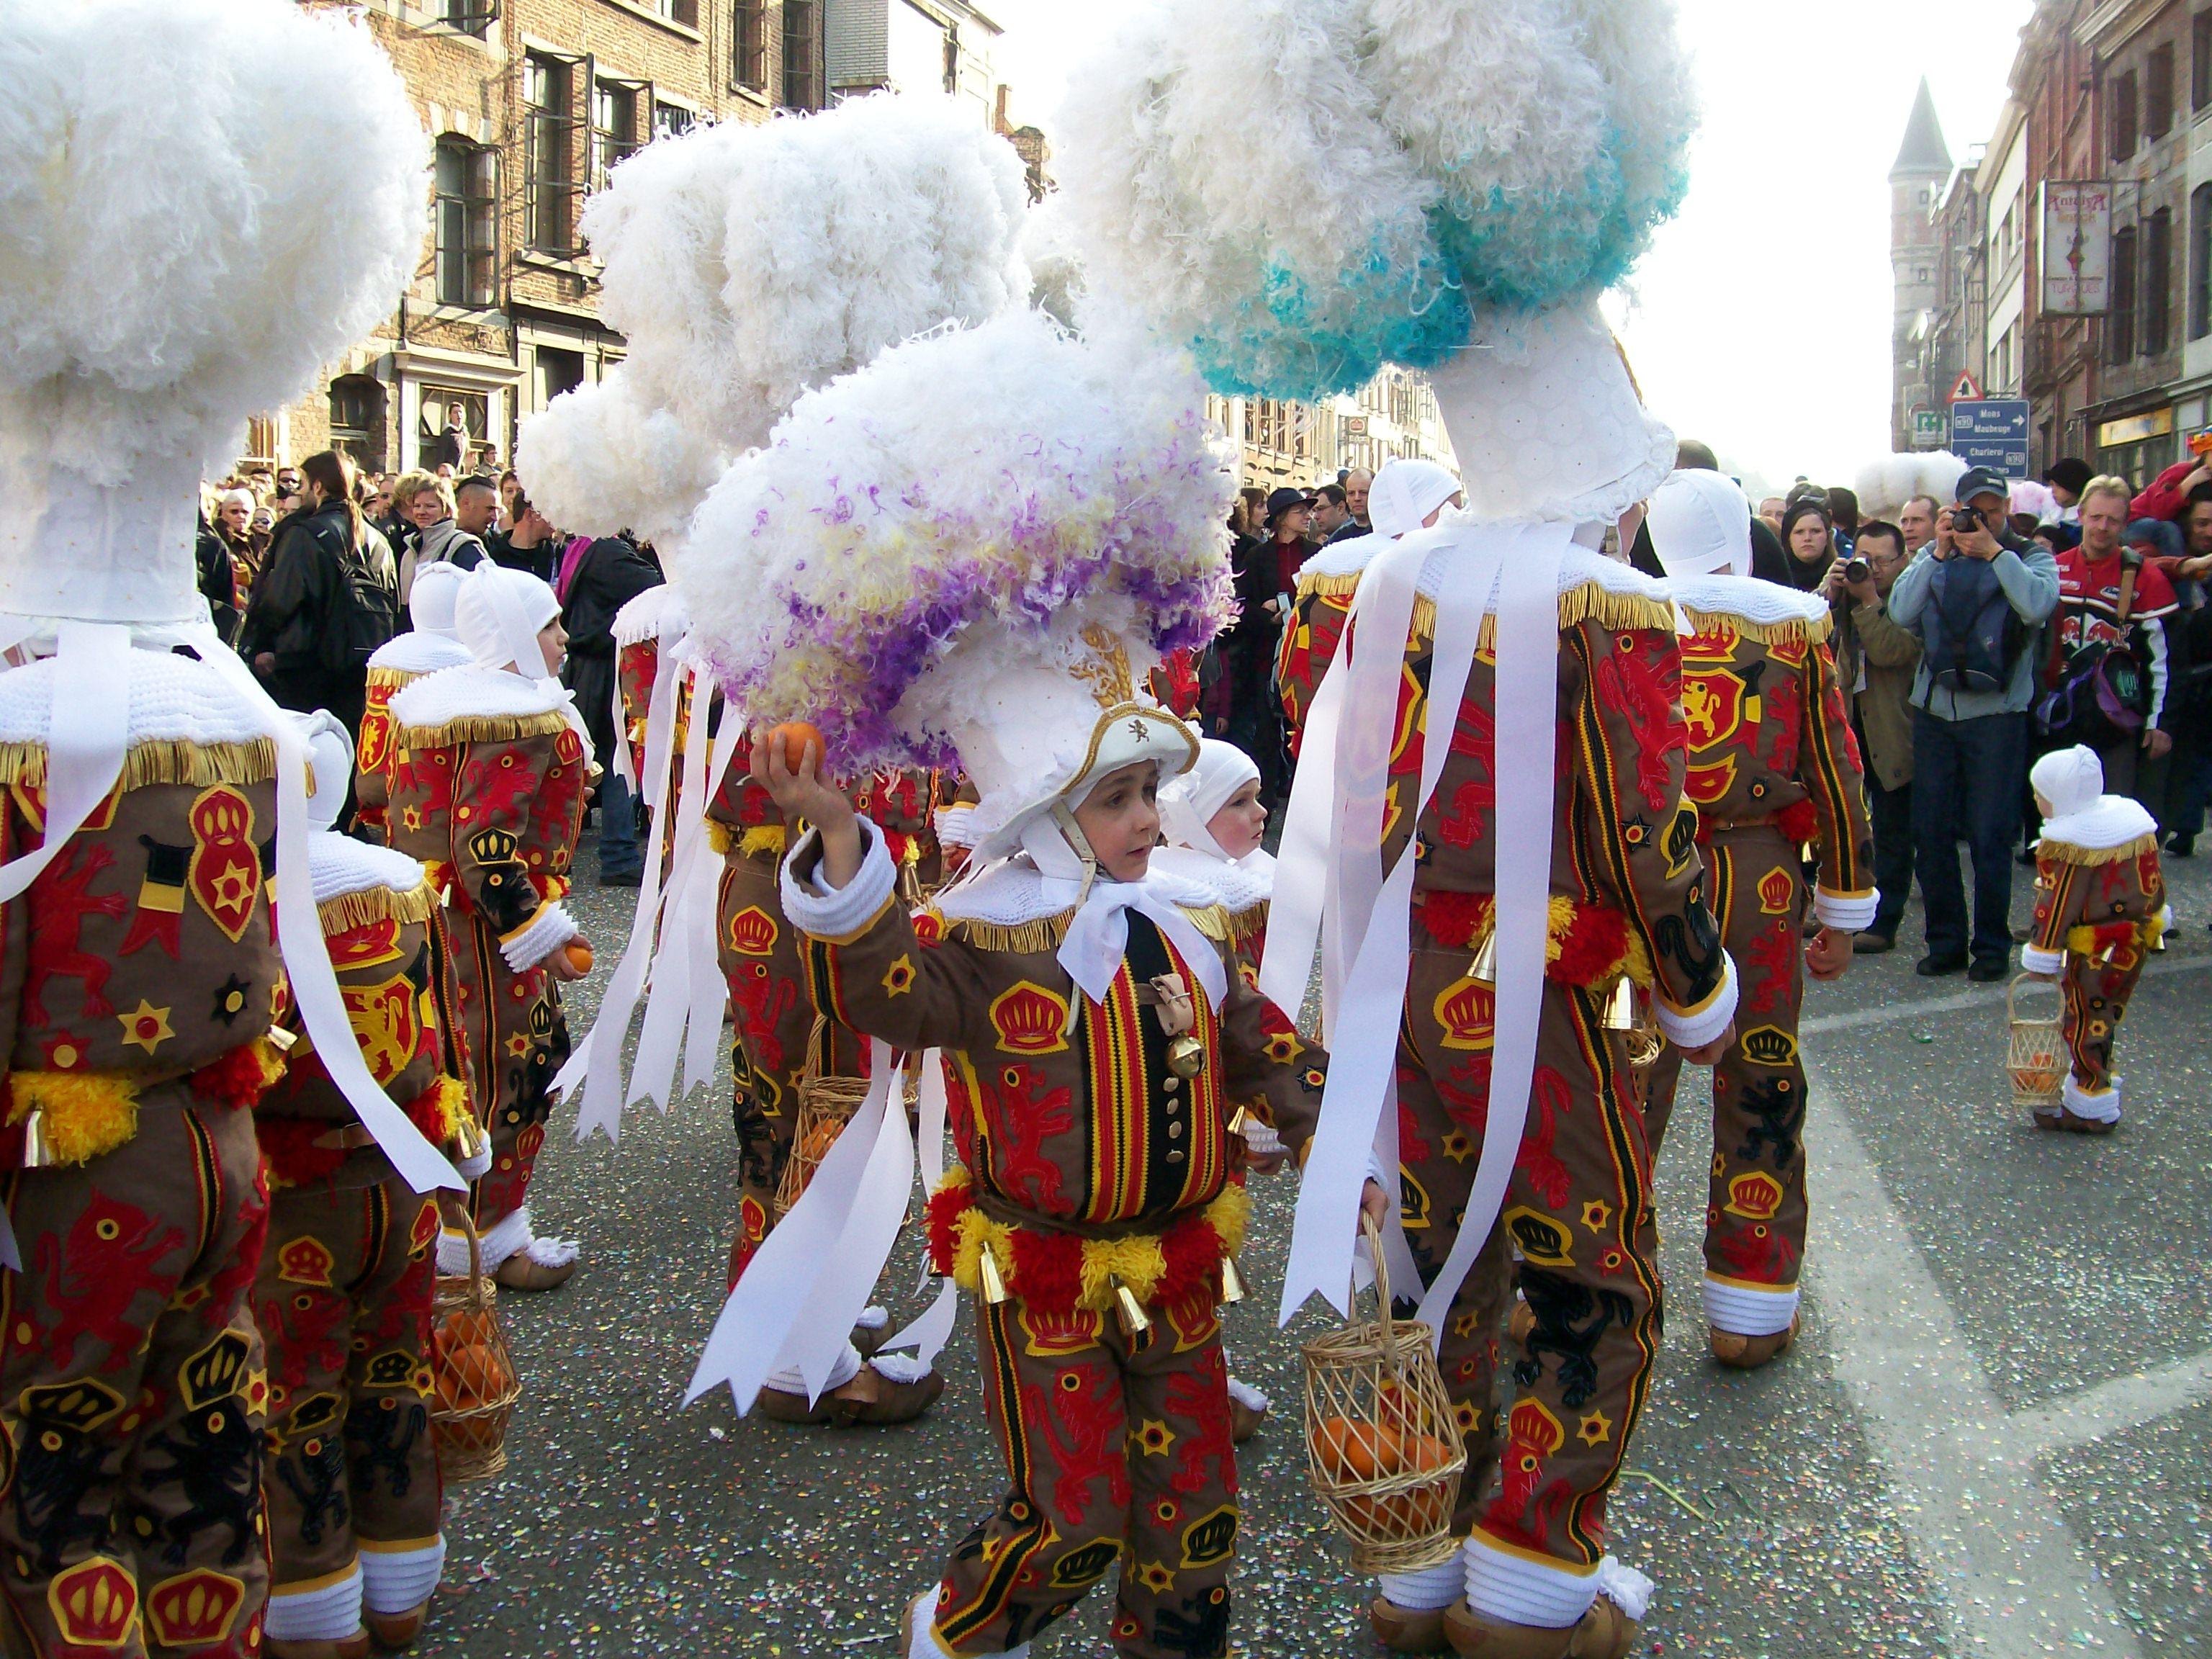 Carnaval de Binche a Lloret de Mar, Costa Brava